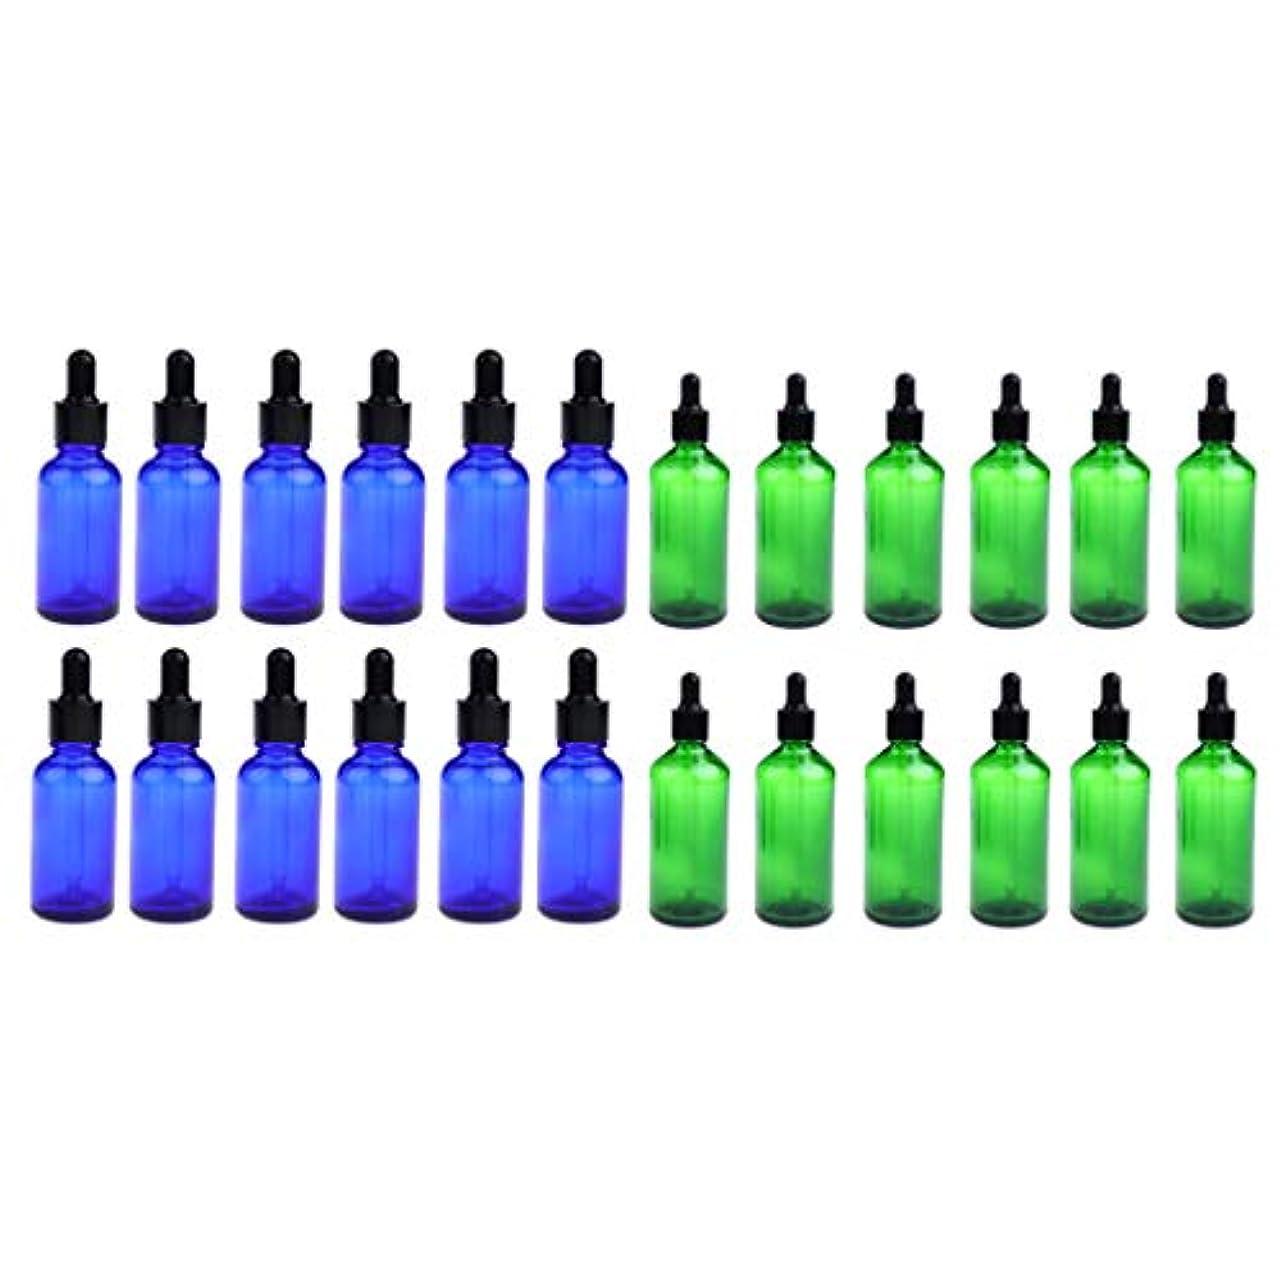 個人的な廃止率直なスポイト 瓶 遮光 スポイトボトル 30ml エッセンシャルオイル アロマ セラピー バイアル